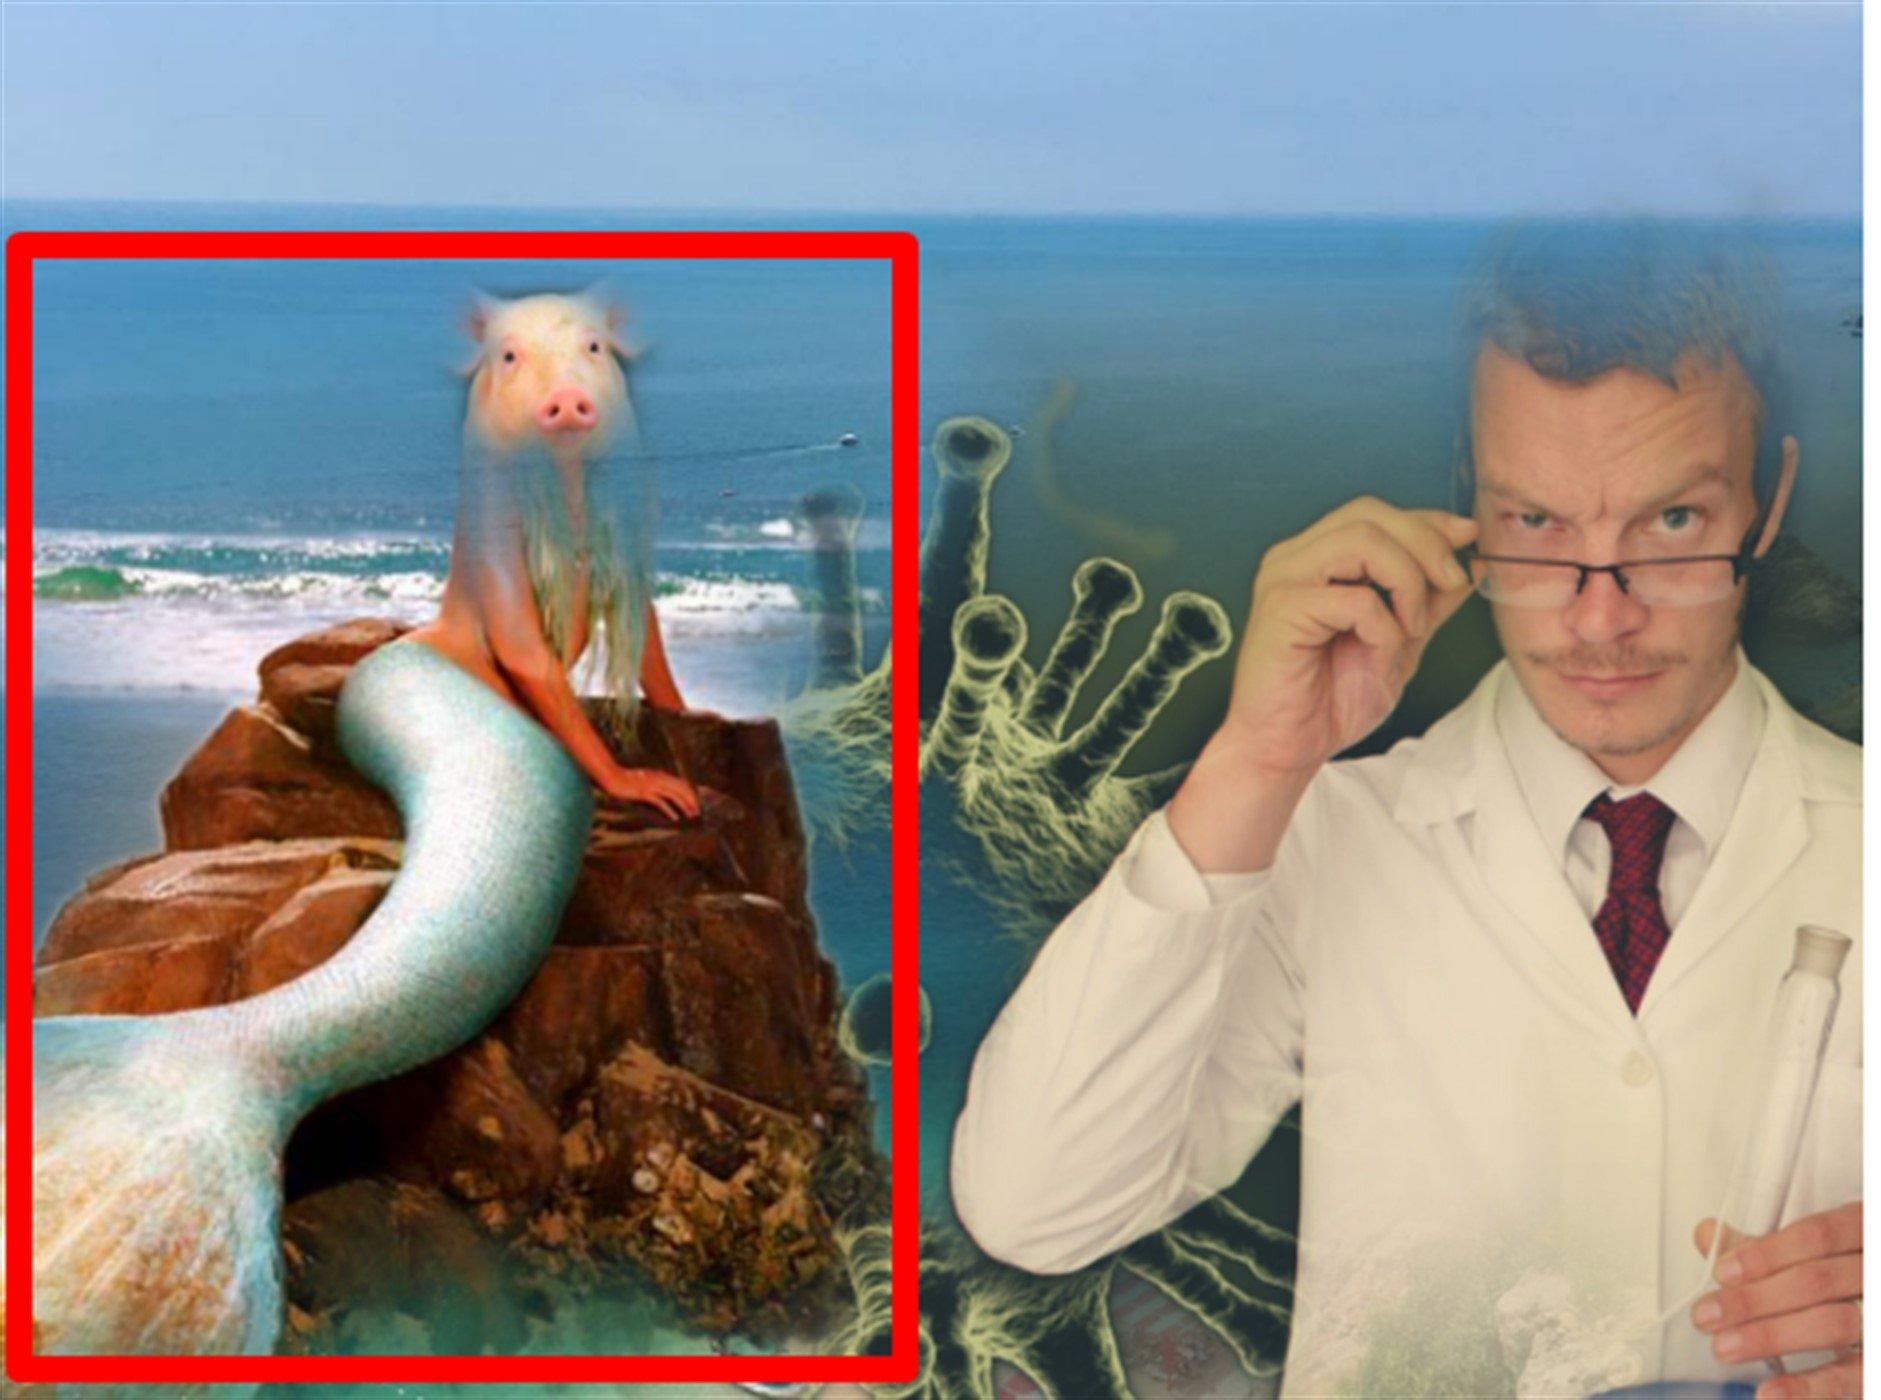 В Тихом океане нашли ʺАтлантиду чужихʺ, мутантов которых породили испытания японцев в 1932 году